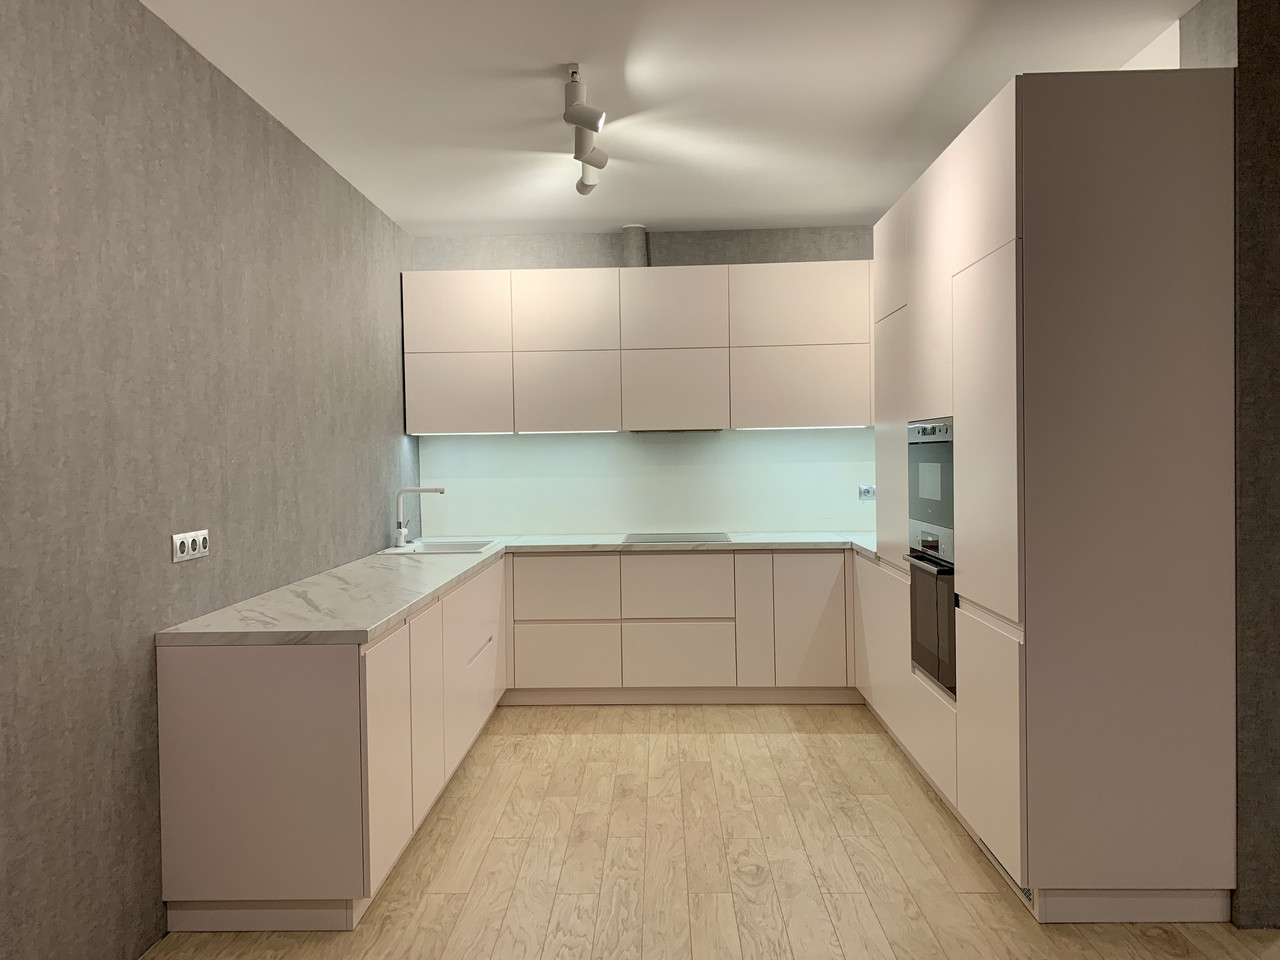 Кухня біла матова з рожевим відтінком. хіт 2019 року